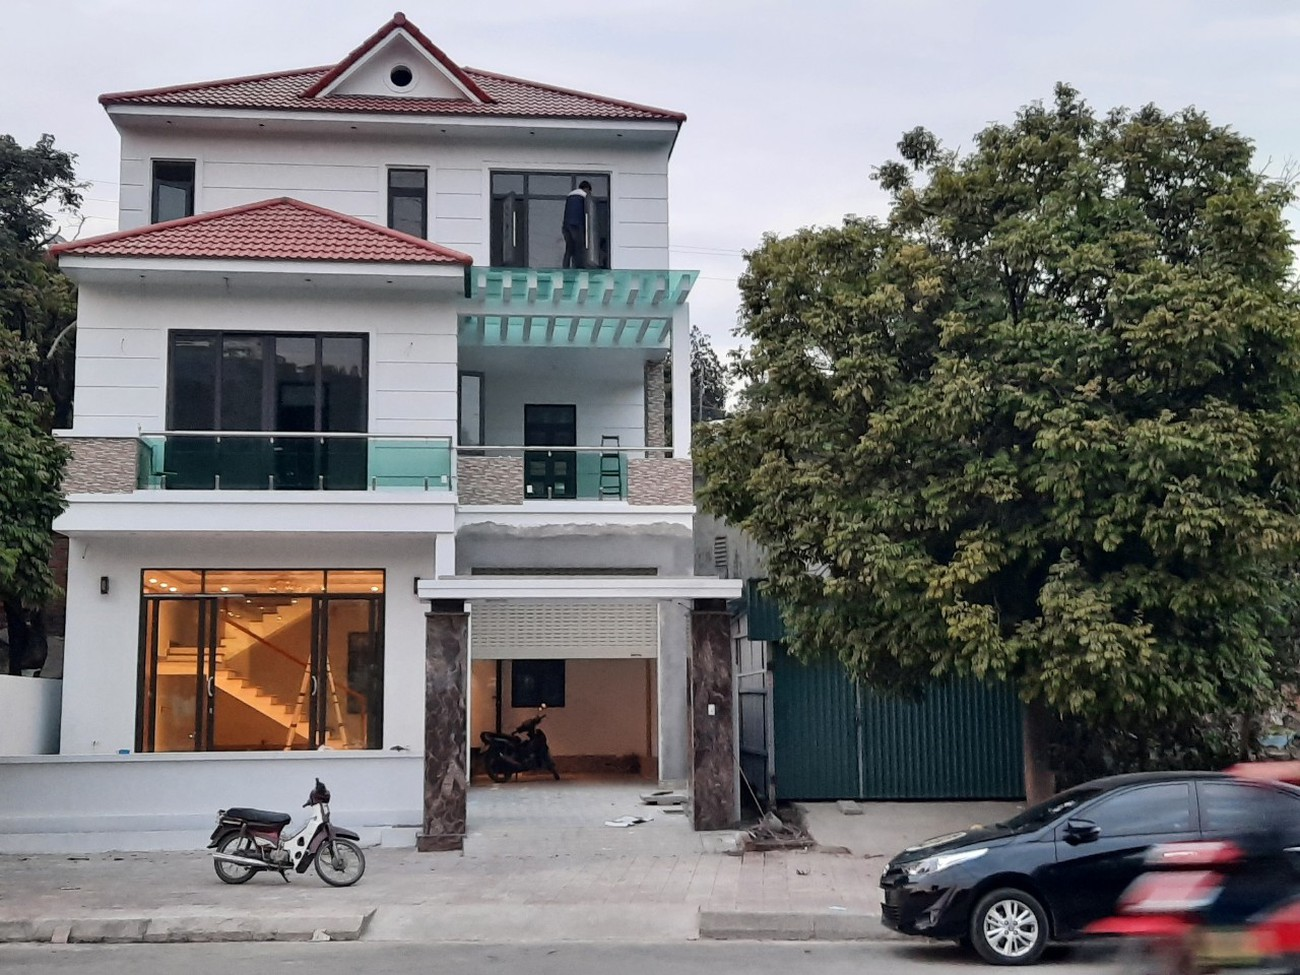 ho-mshangs-house-in-quang-ninh-front-viewjpg-1629772890.jpg